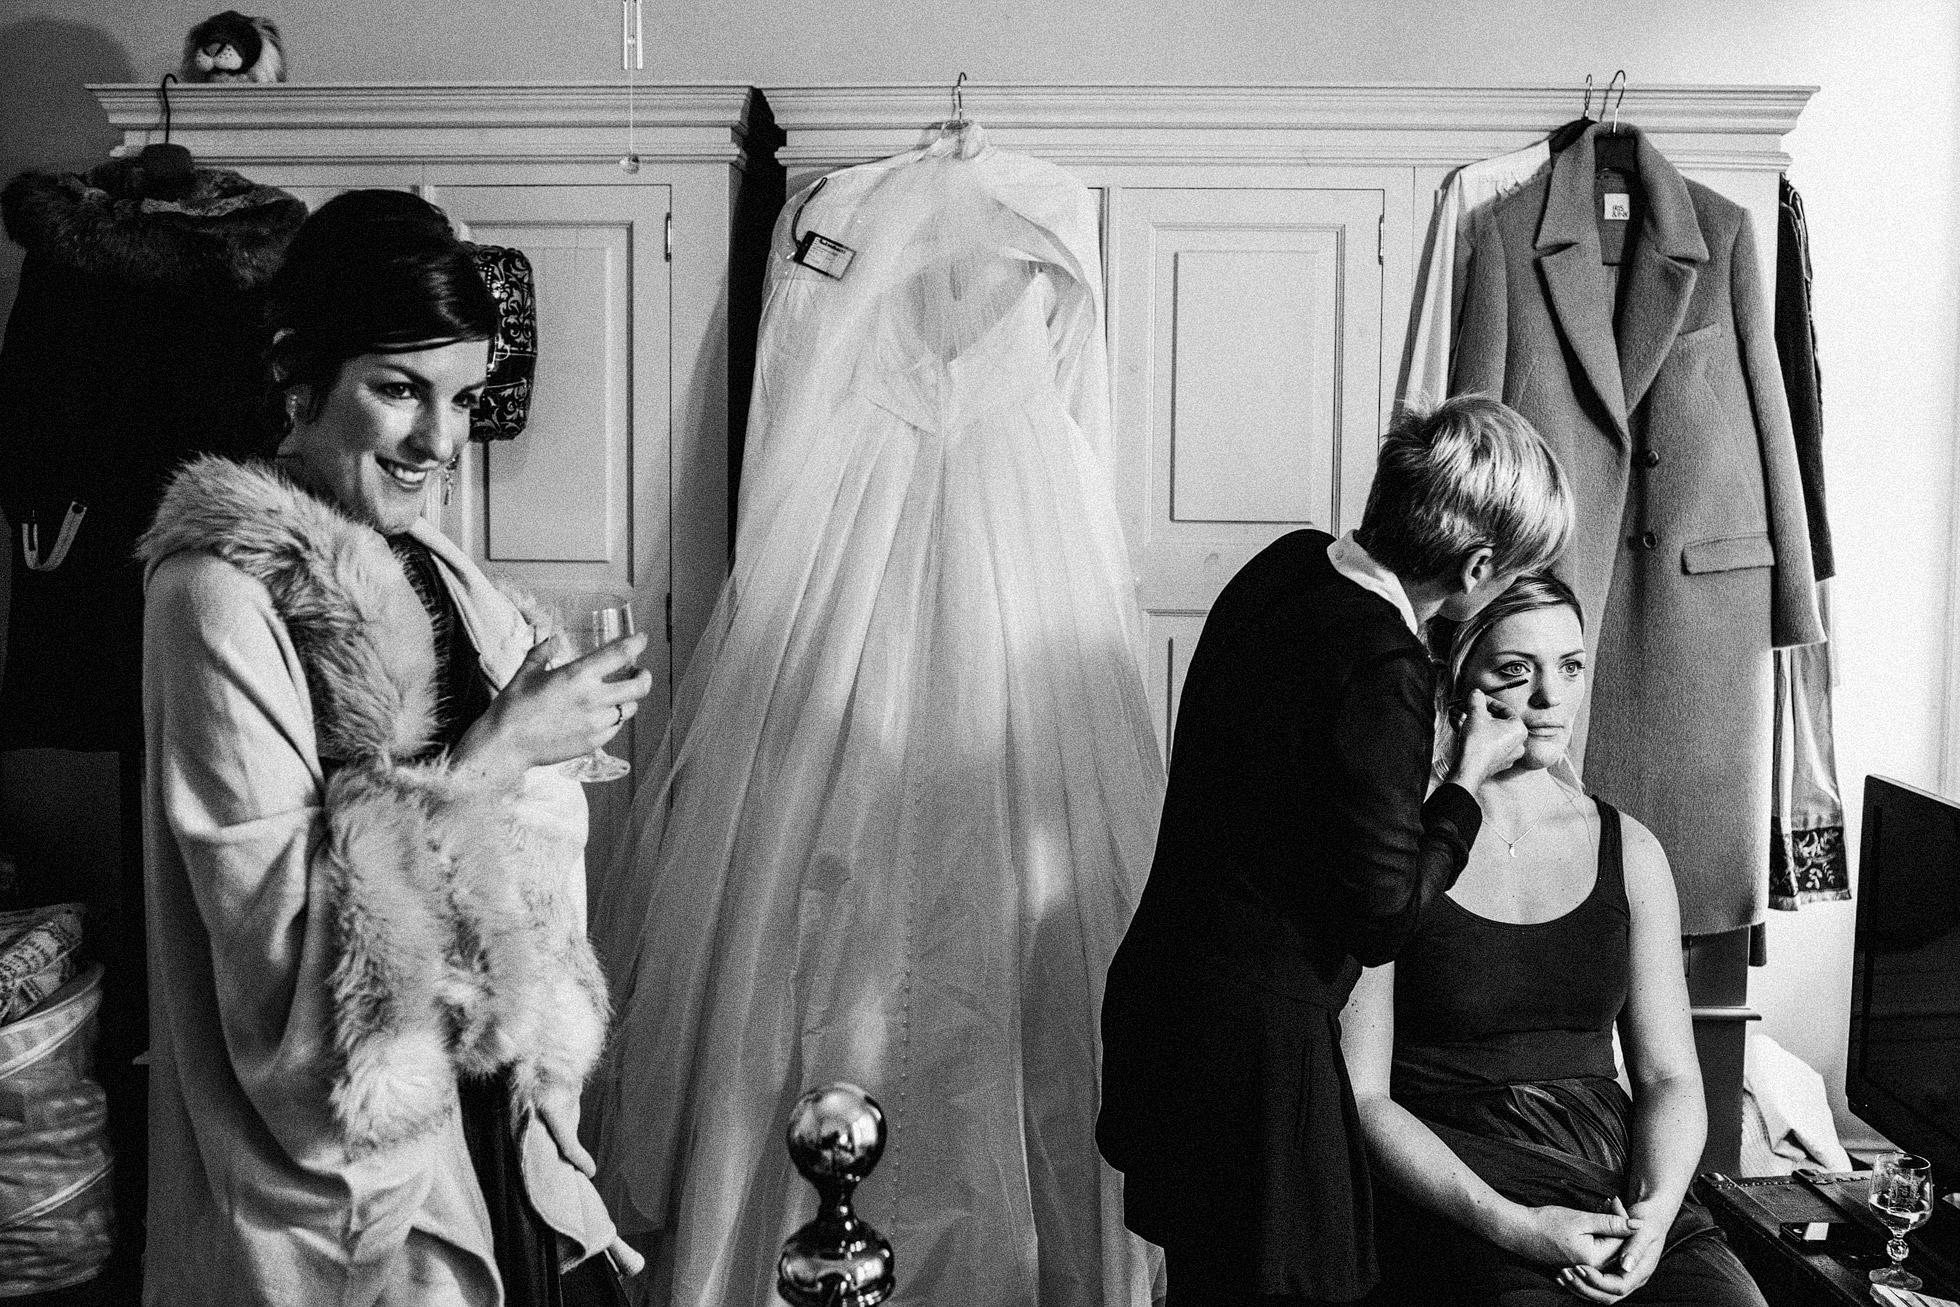 Barmbyfield Barn Bridal Preparations